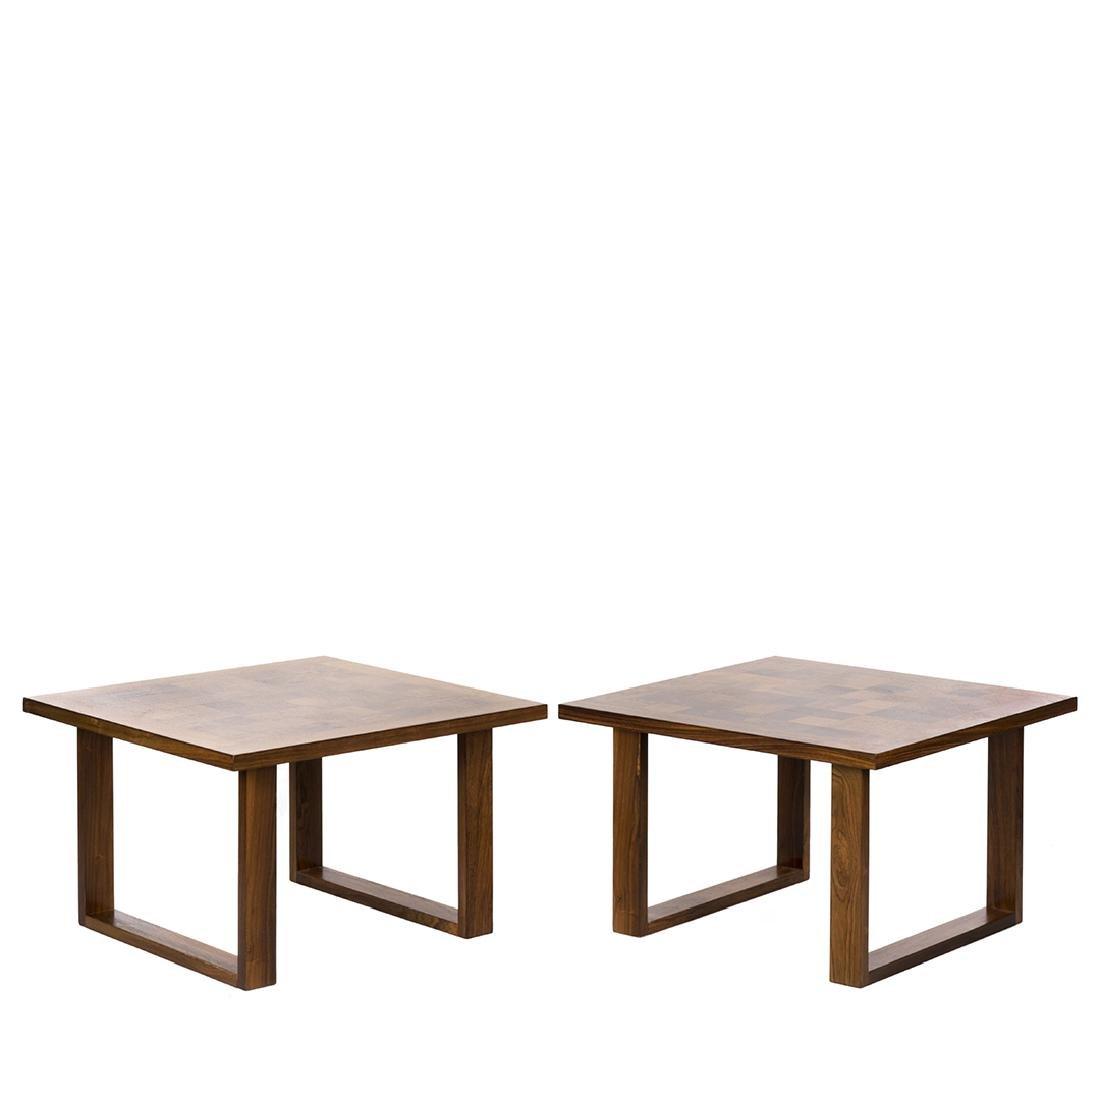 Poul Cadovius Tables - 2